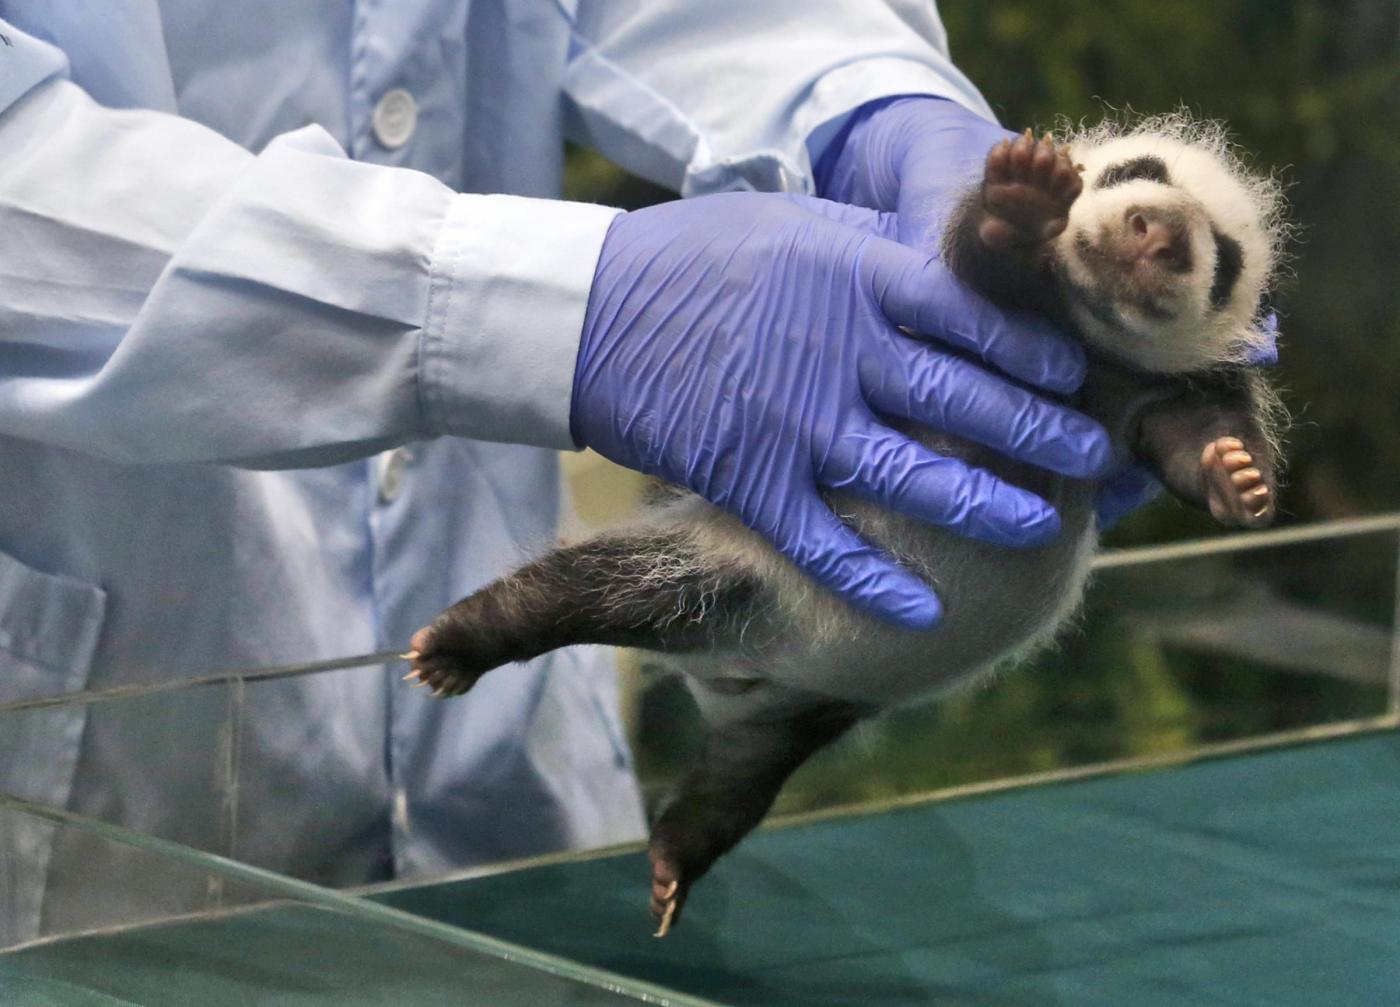 Tre cuccioli di panda sopravvivono dopo la nascita (foto): è la prima volta05